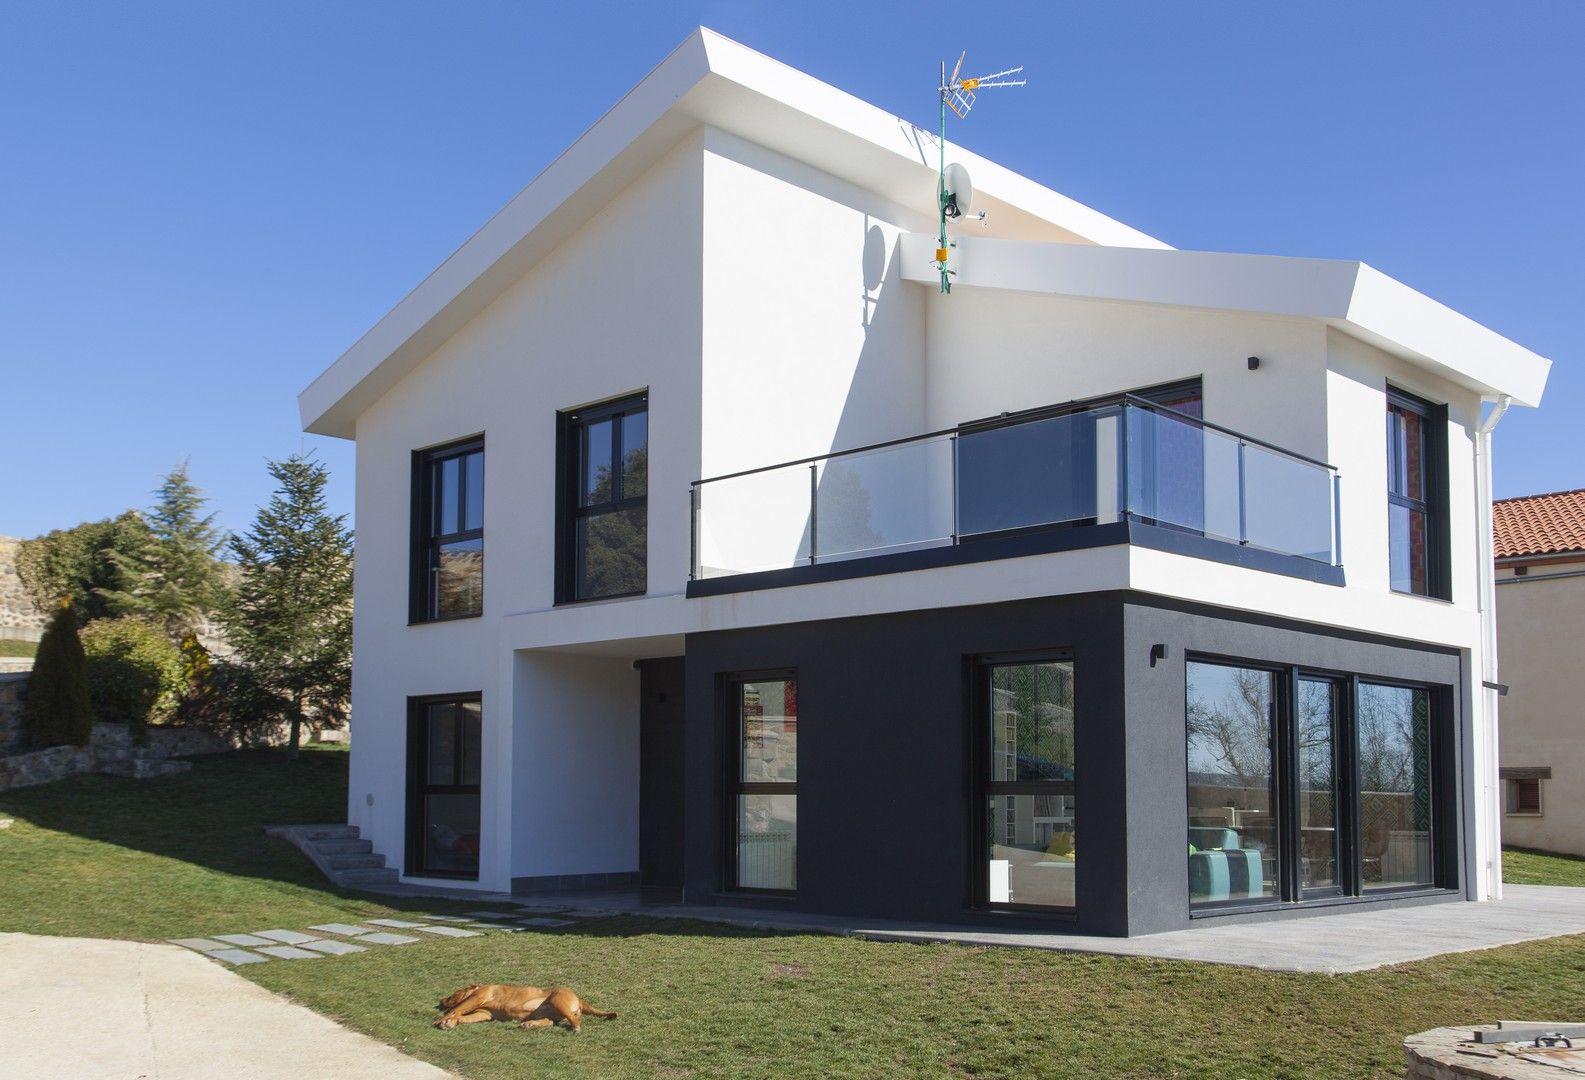 SORIA - Projectes de cases modulars d'acer